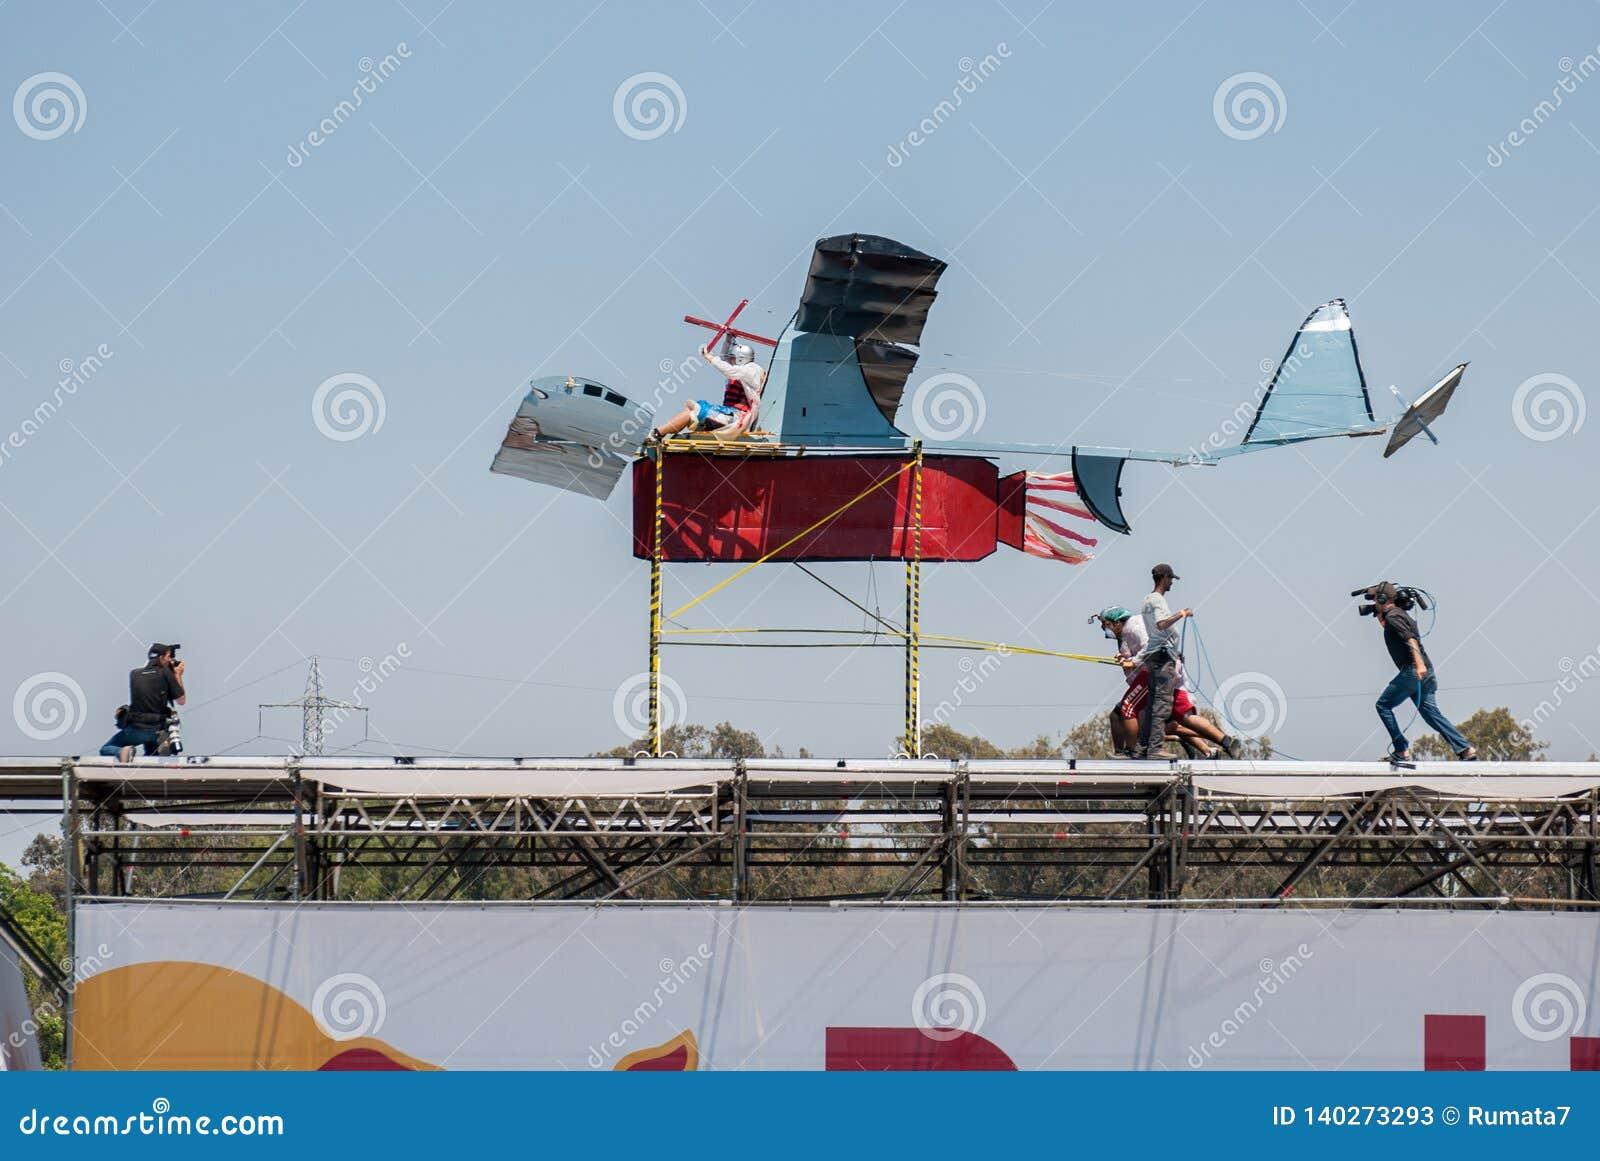 Acontecimiento de Red Bull Flugtag en el parque de Yarkon